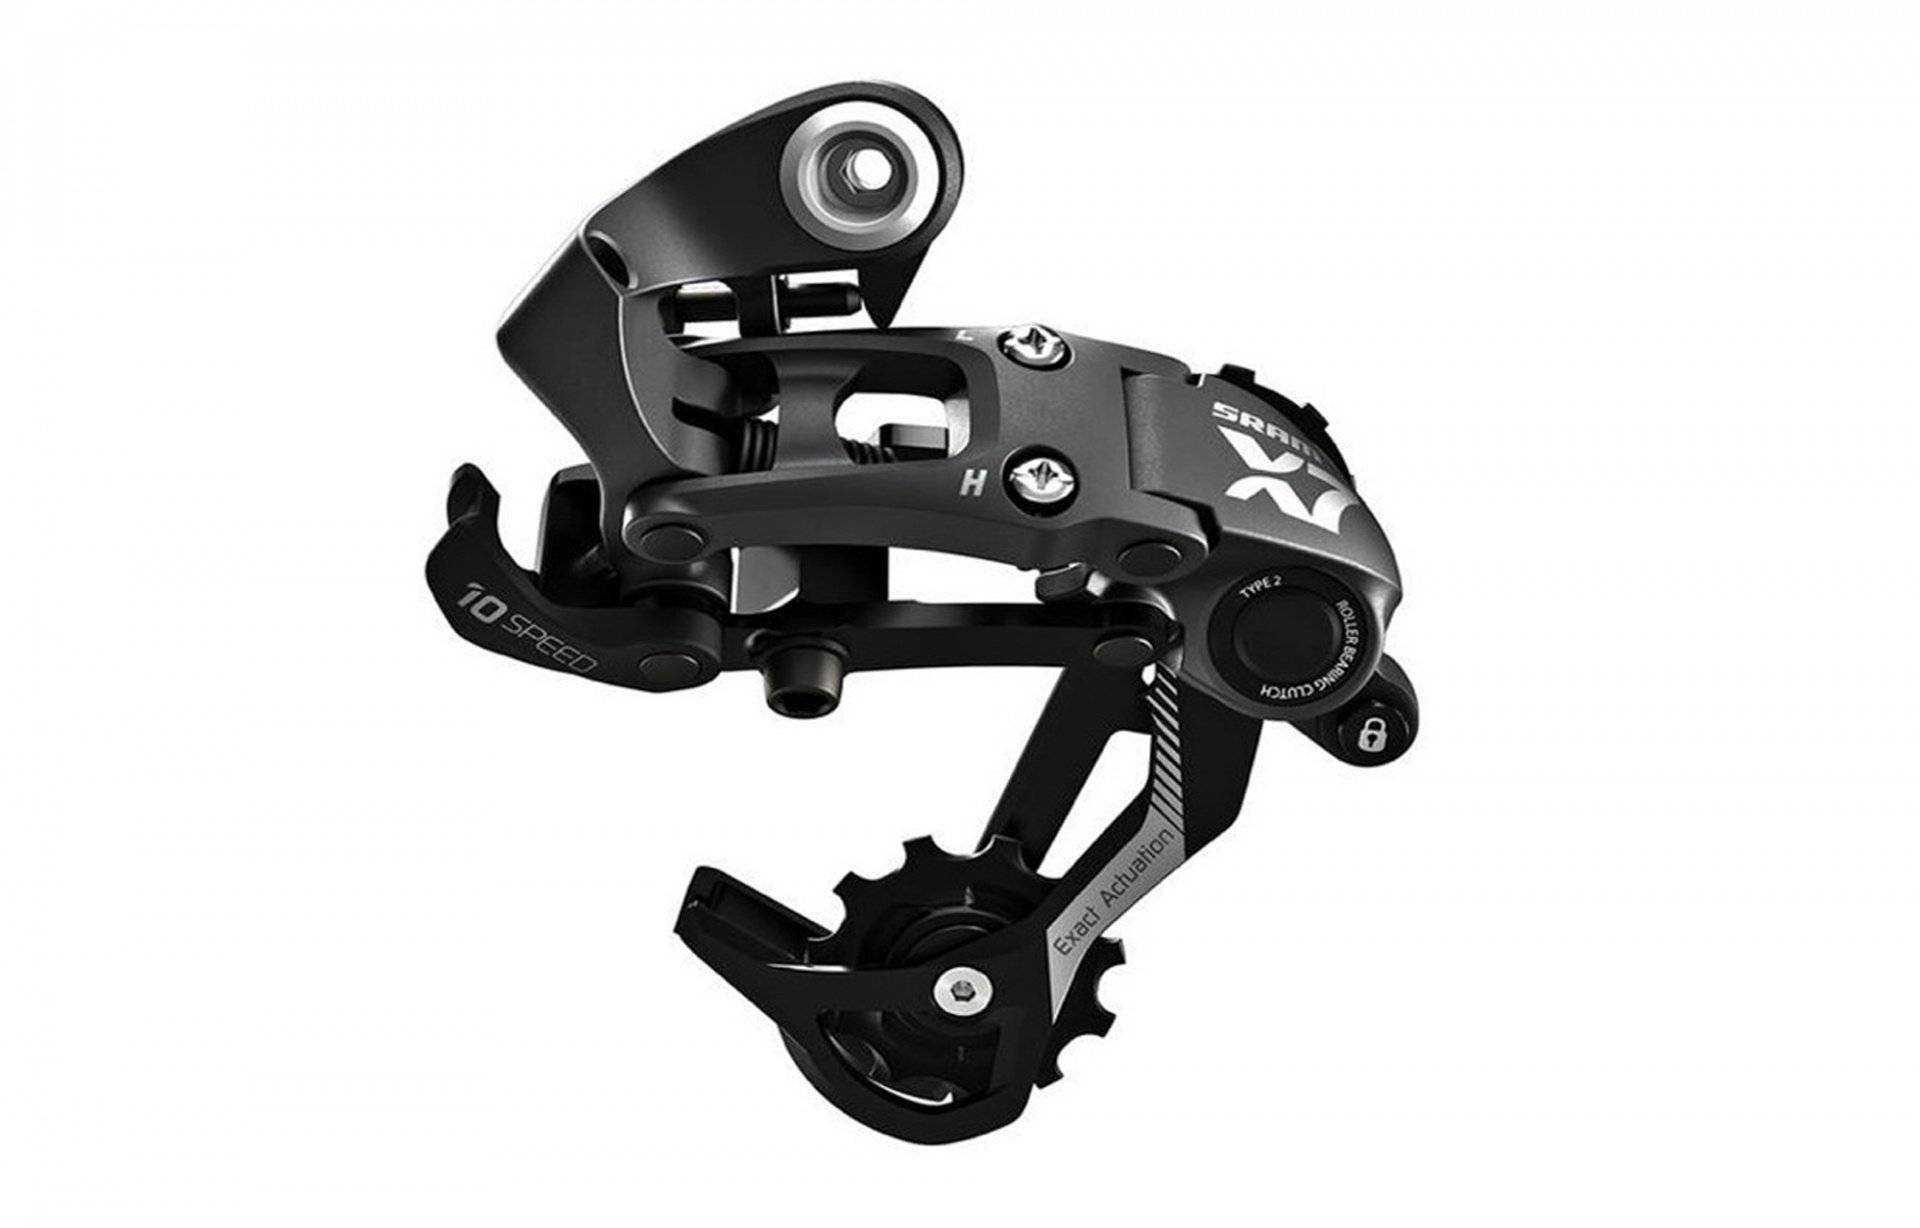 Переключатель задний, X7, 10 ск., 11 - 36, под петух, подвод - обратный, SRAM (черный, CRD209000089) фото